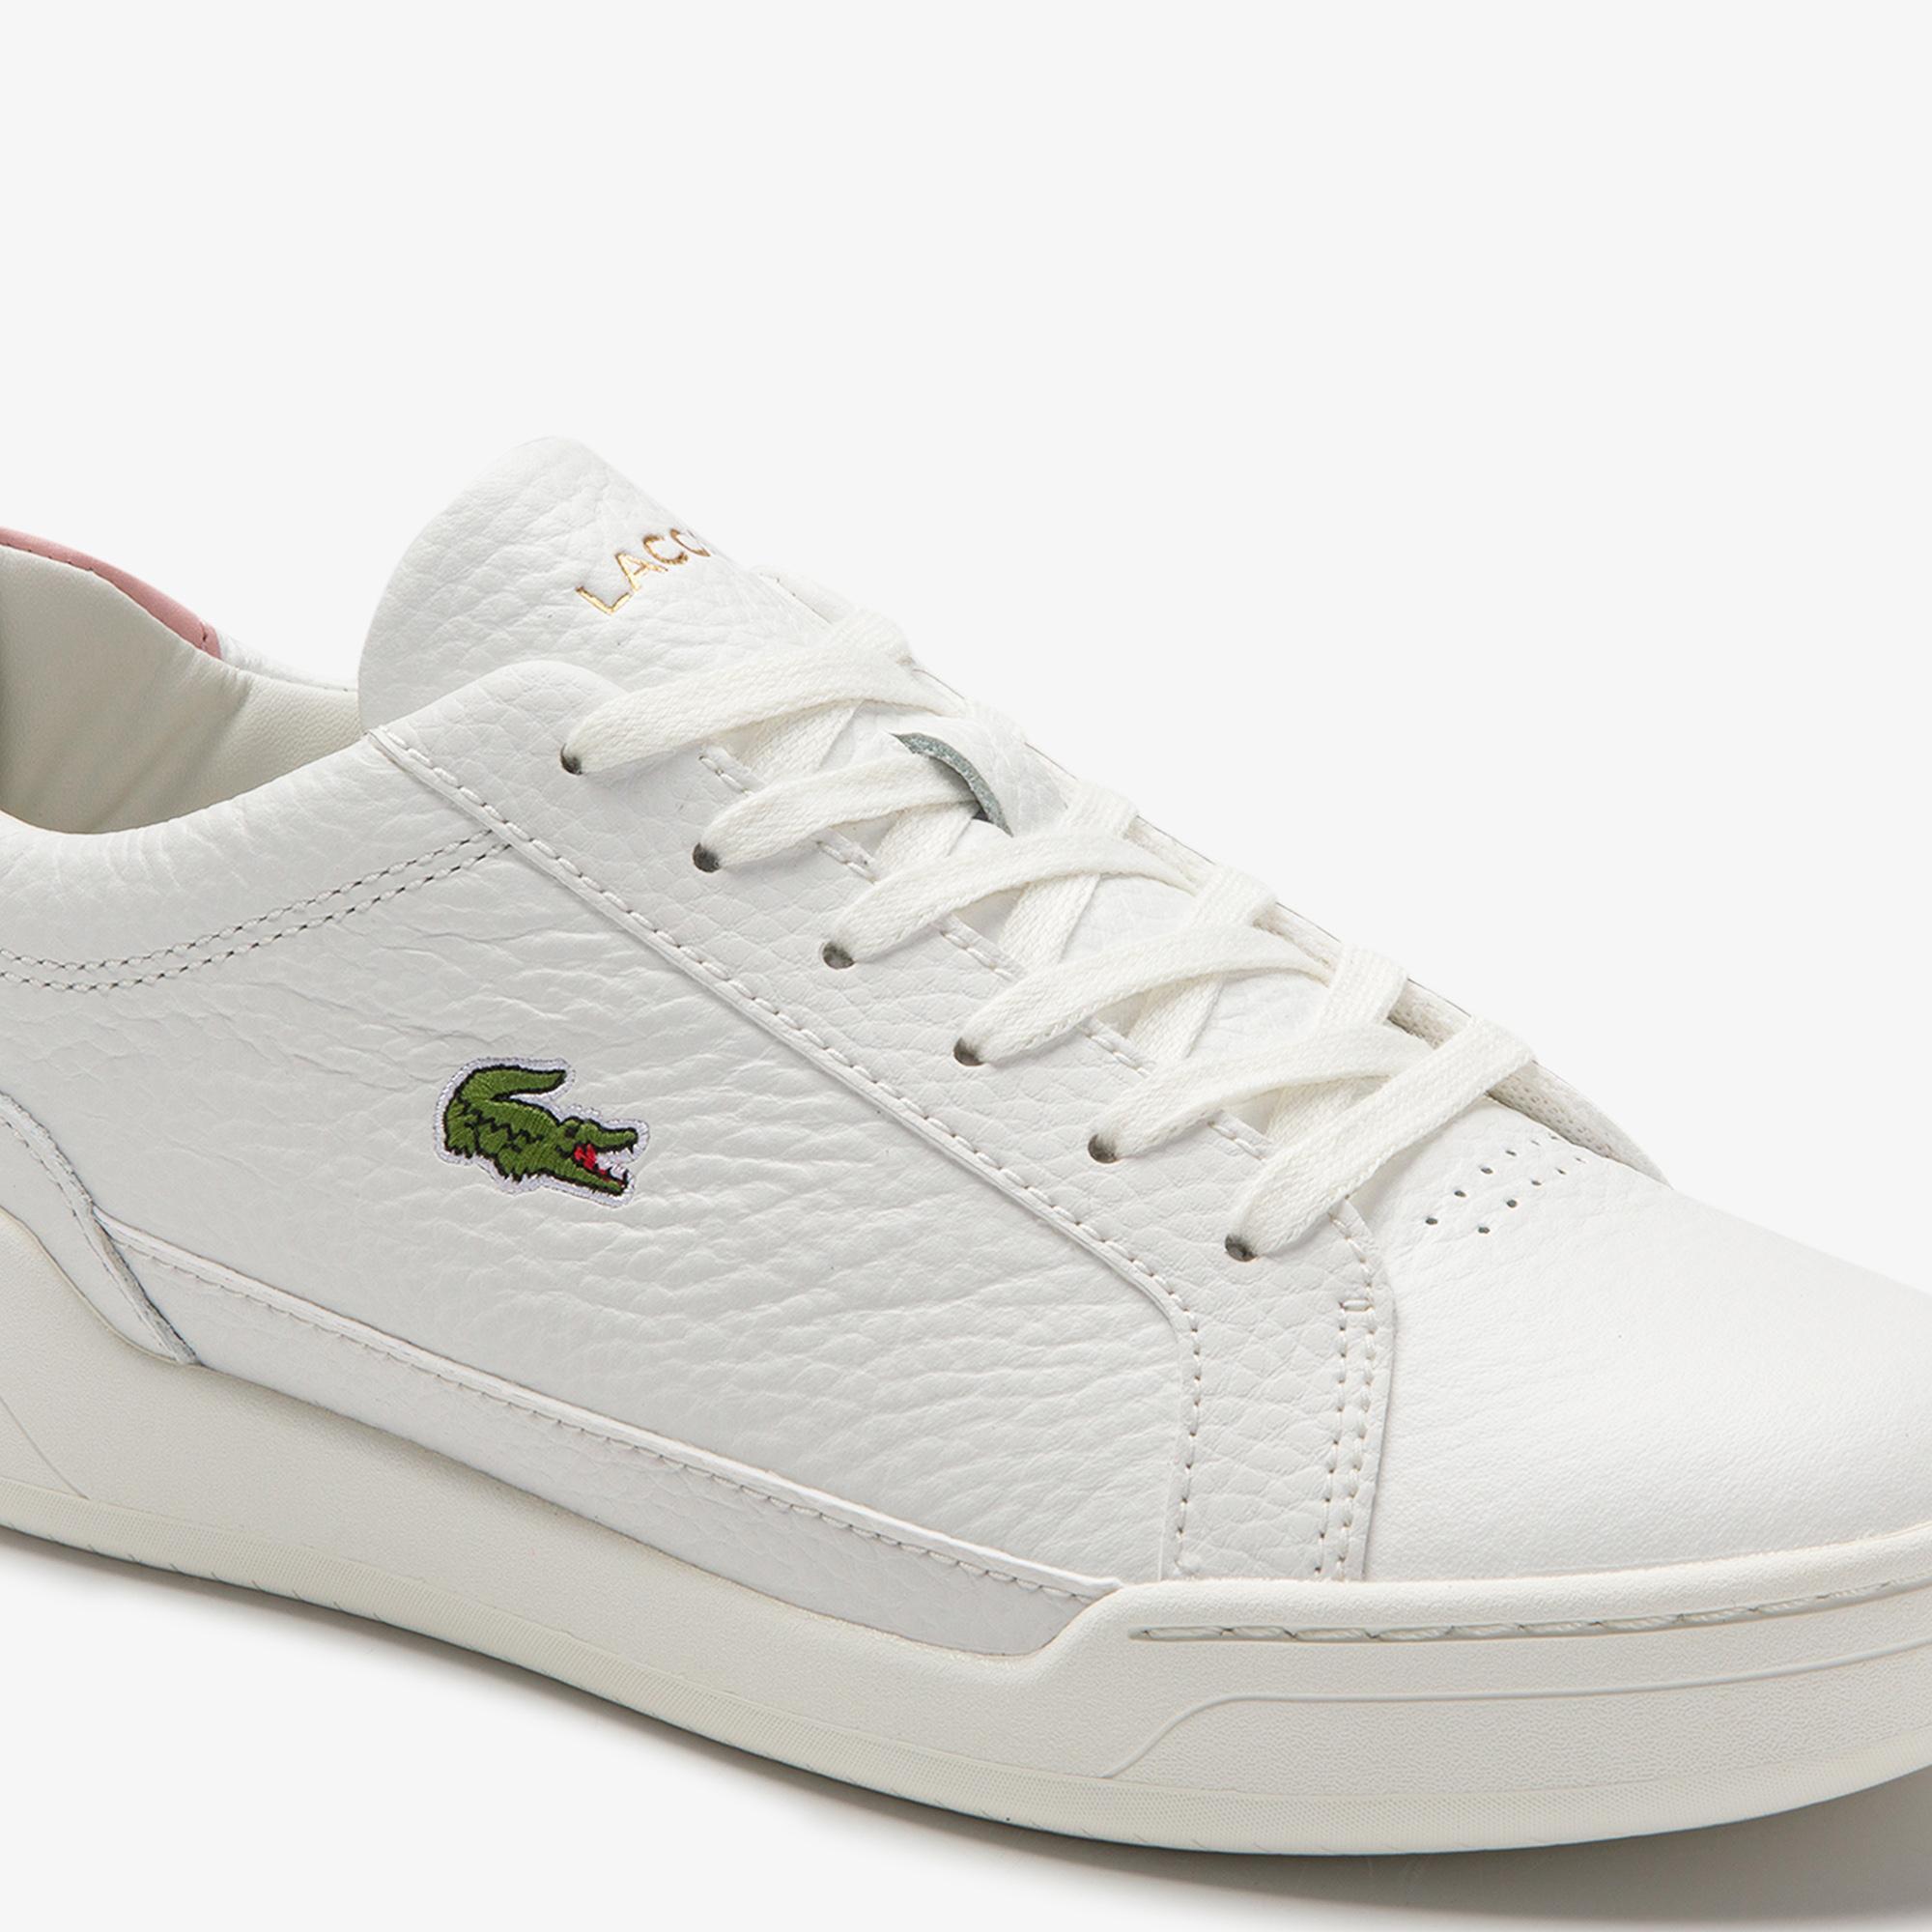 Lacoste Challenge 0120 1 Sfa Kadın Deri Beyaz - Açık Pembe Sneaker